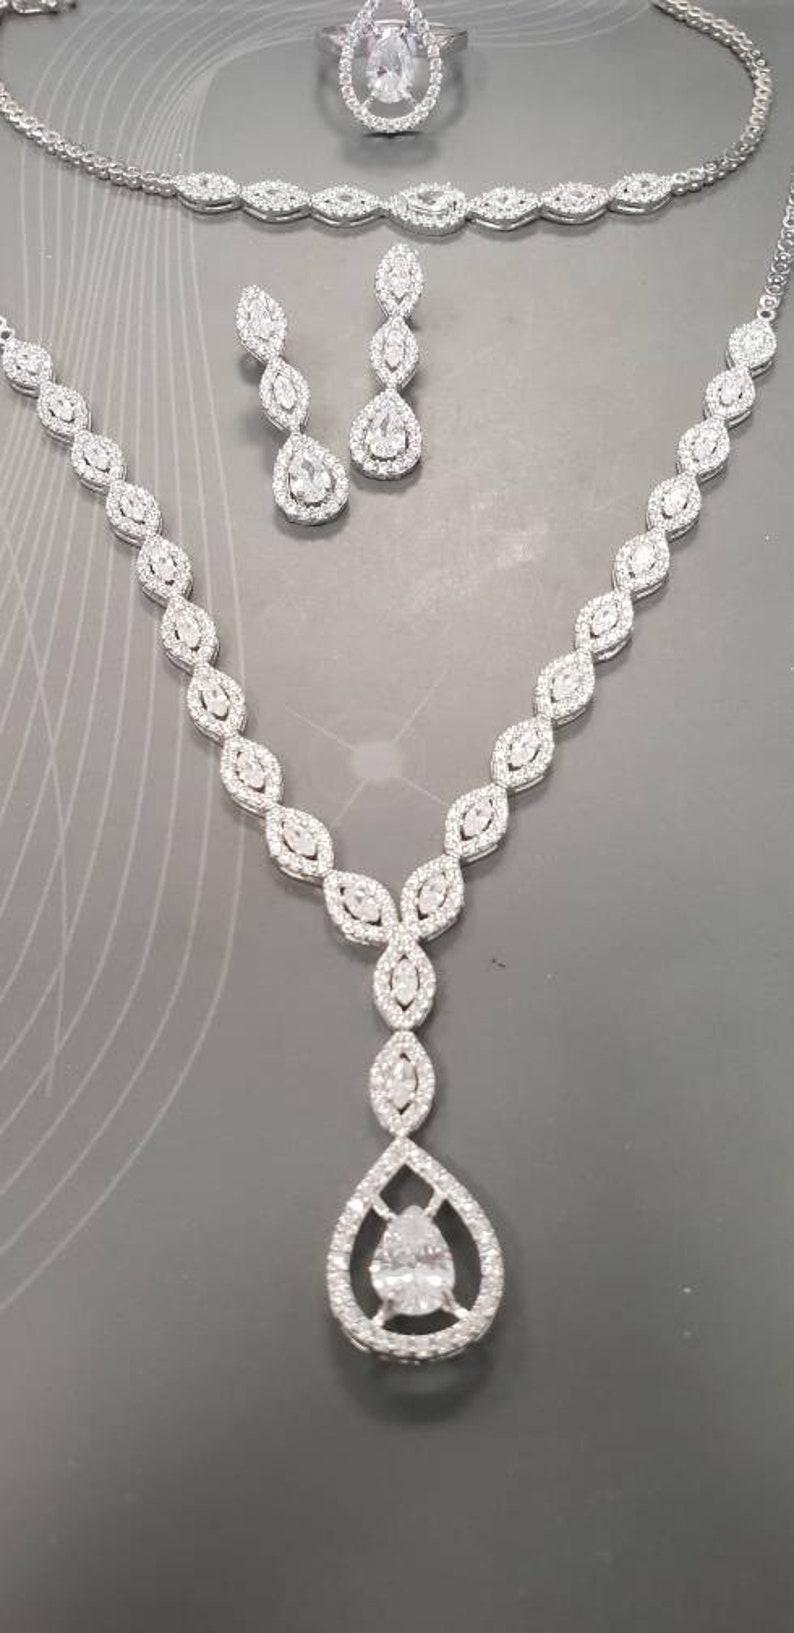 b41f3931e2 Tropfen-Diamant-Schmuck Silberkette tropfenförmige Ohrringe | Etsy